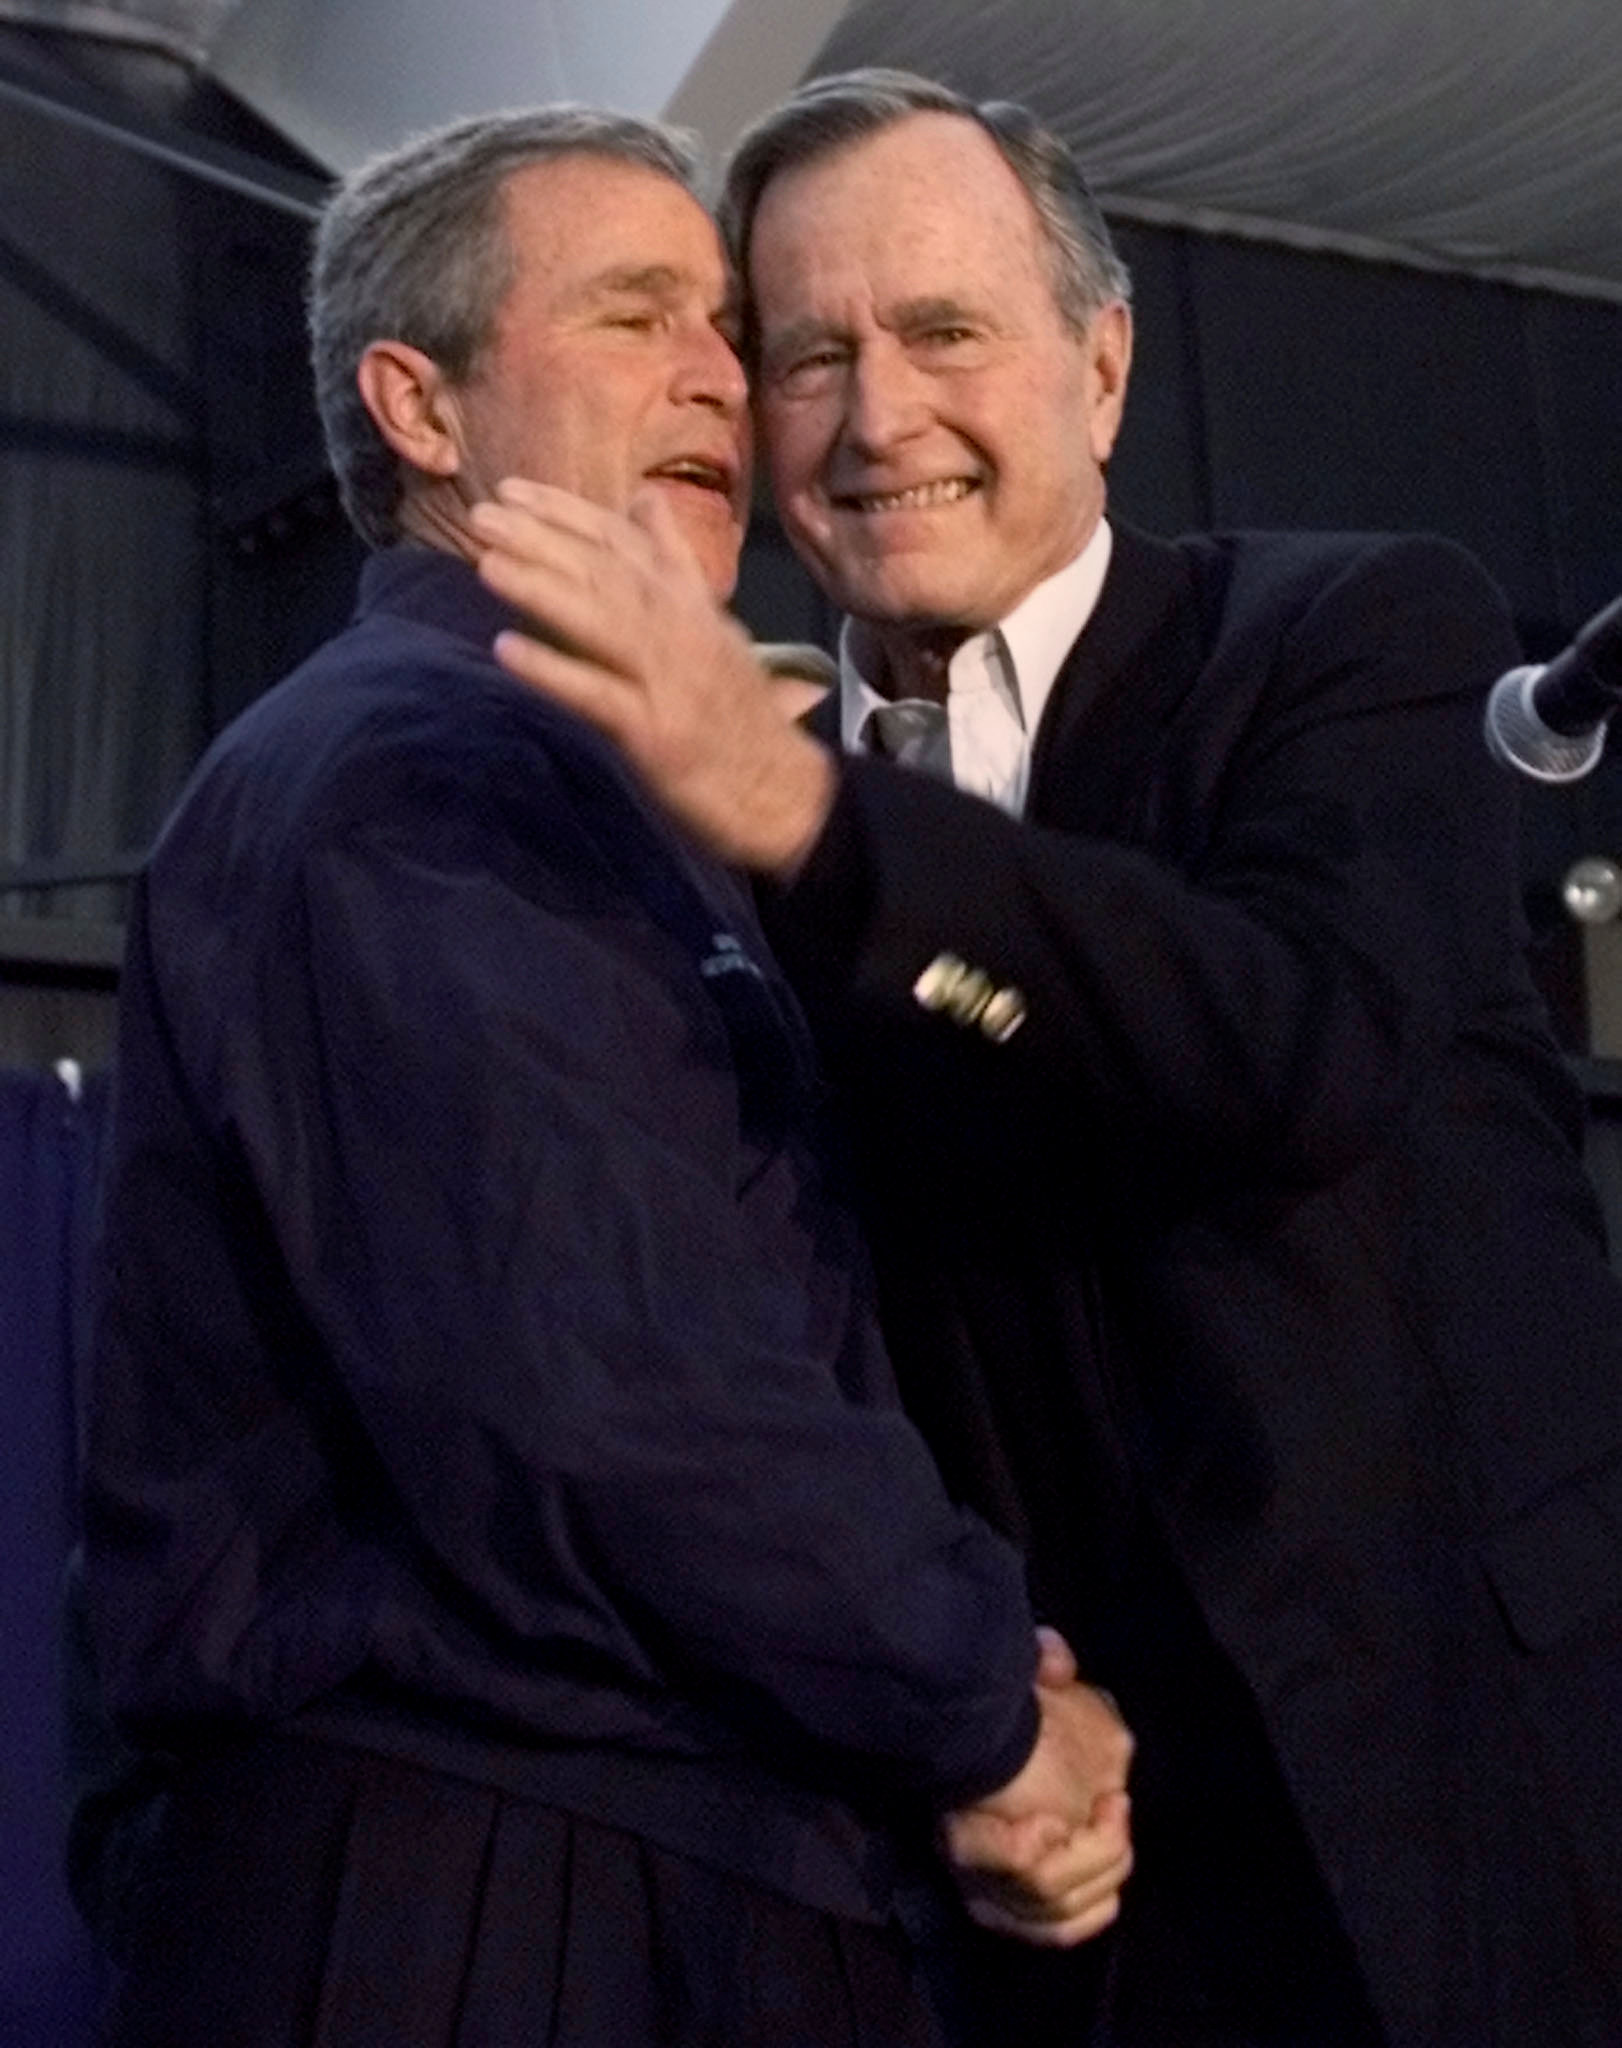 جورج بوش الأب  الرئيس الأمريكى الأسبق  (2)